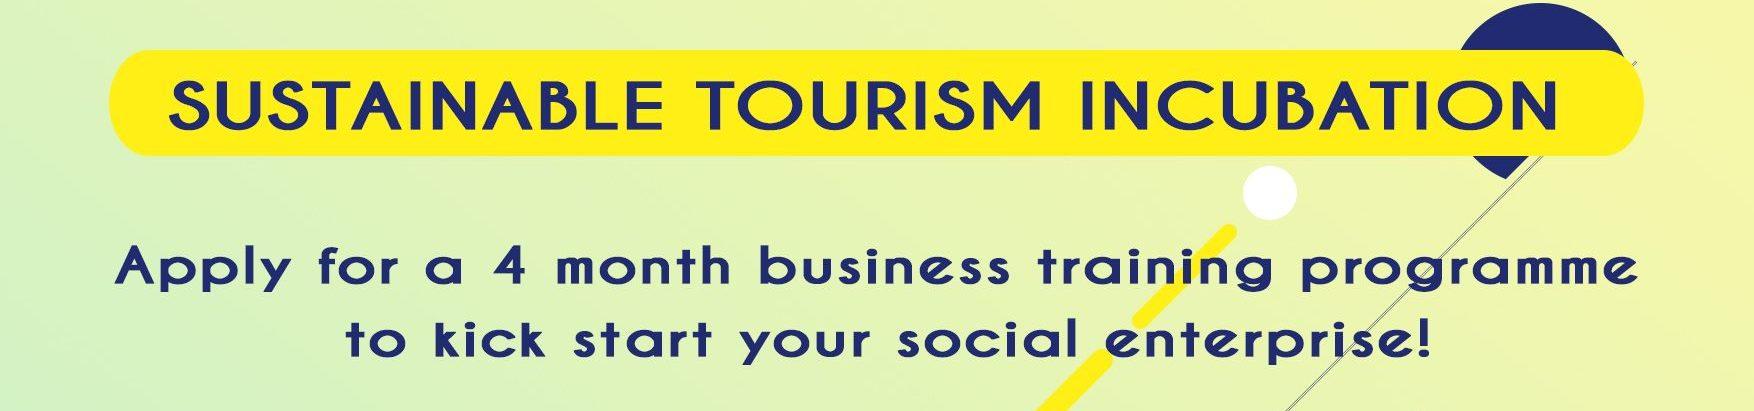 Sustainable Tourism Incubation Program